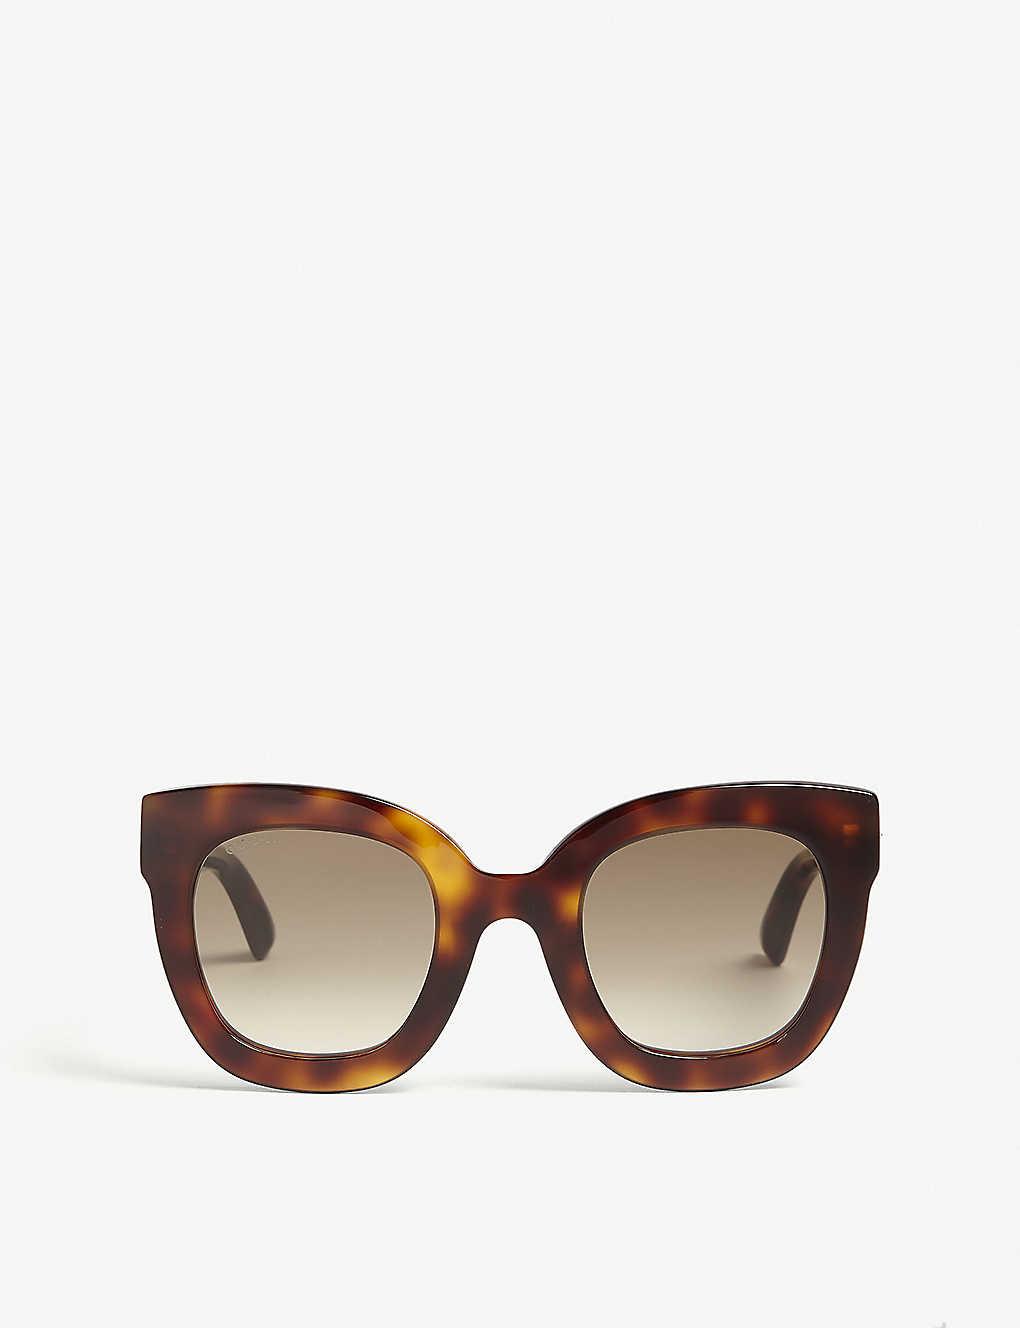 fa751eb311 Gg0208 oval-frame sunglasses